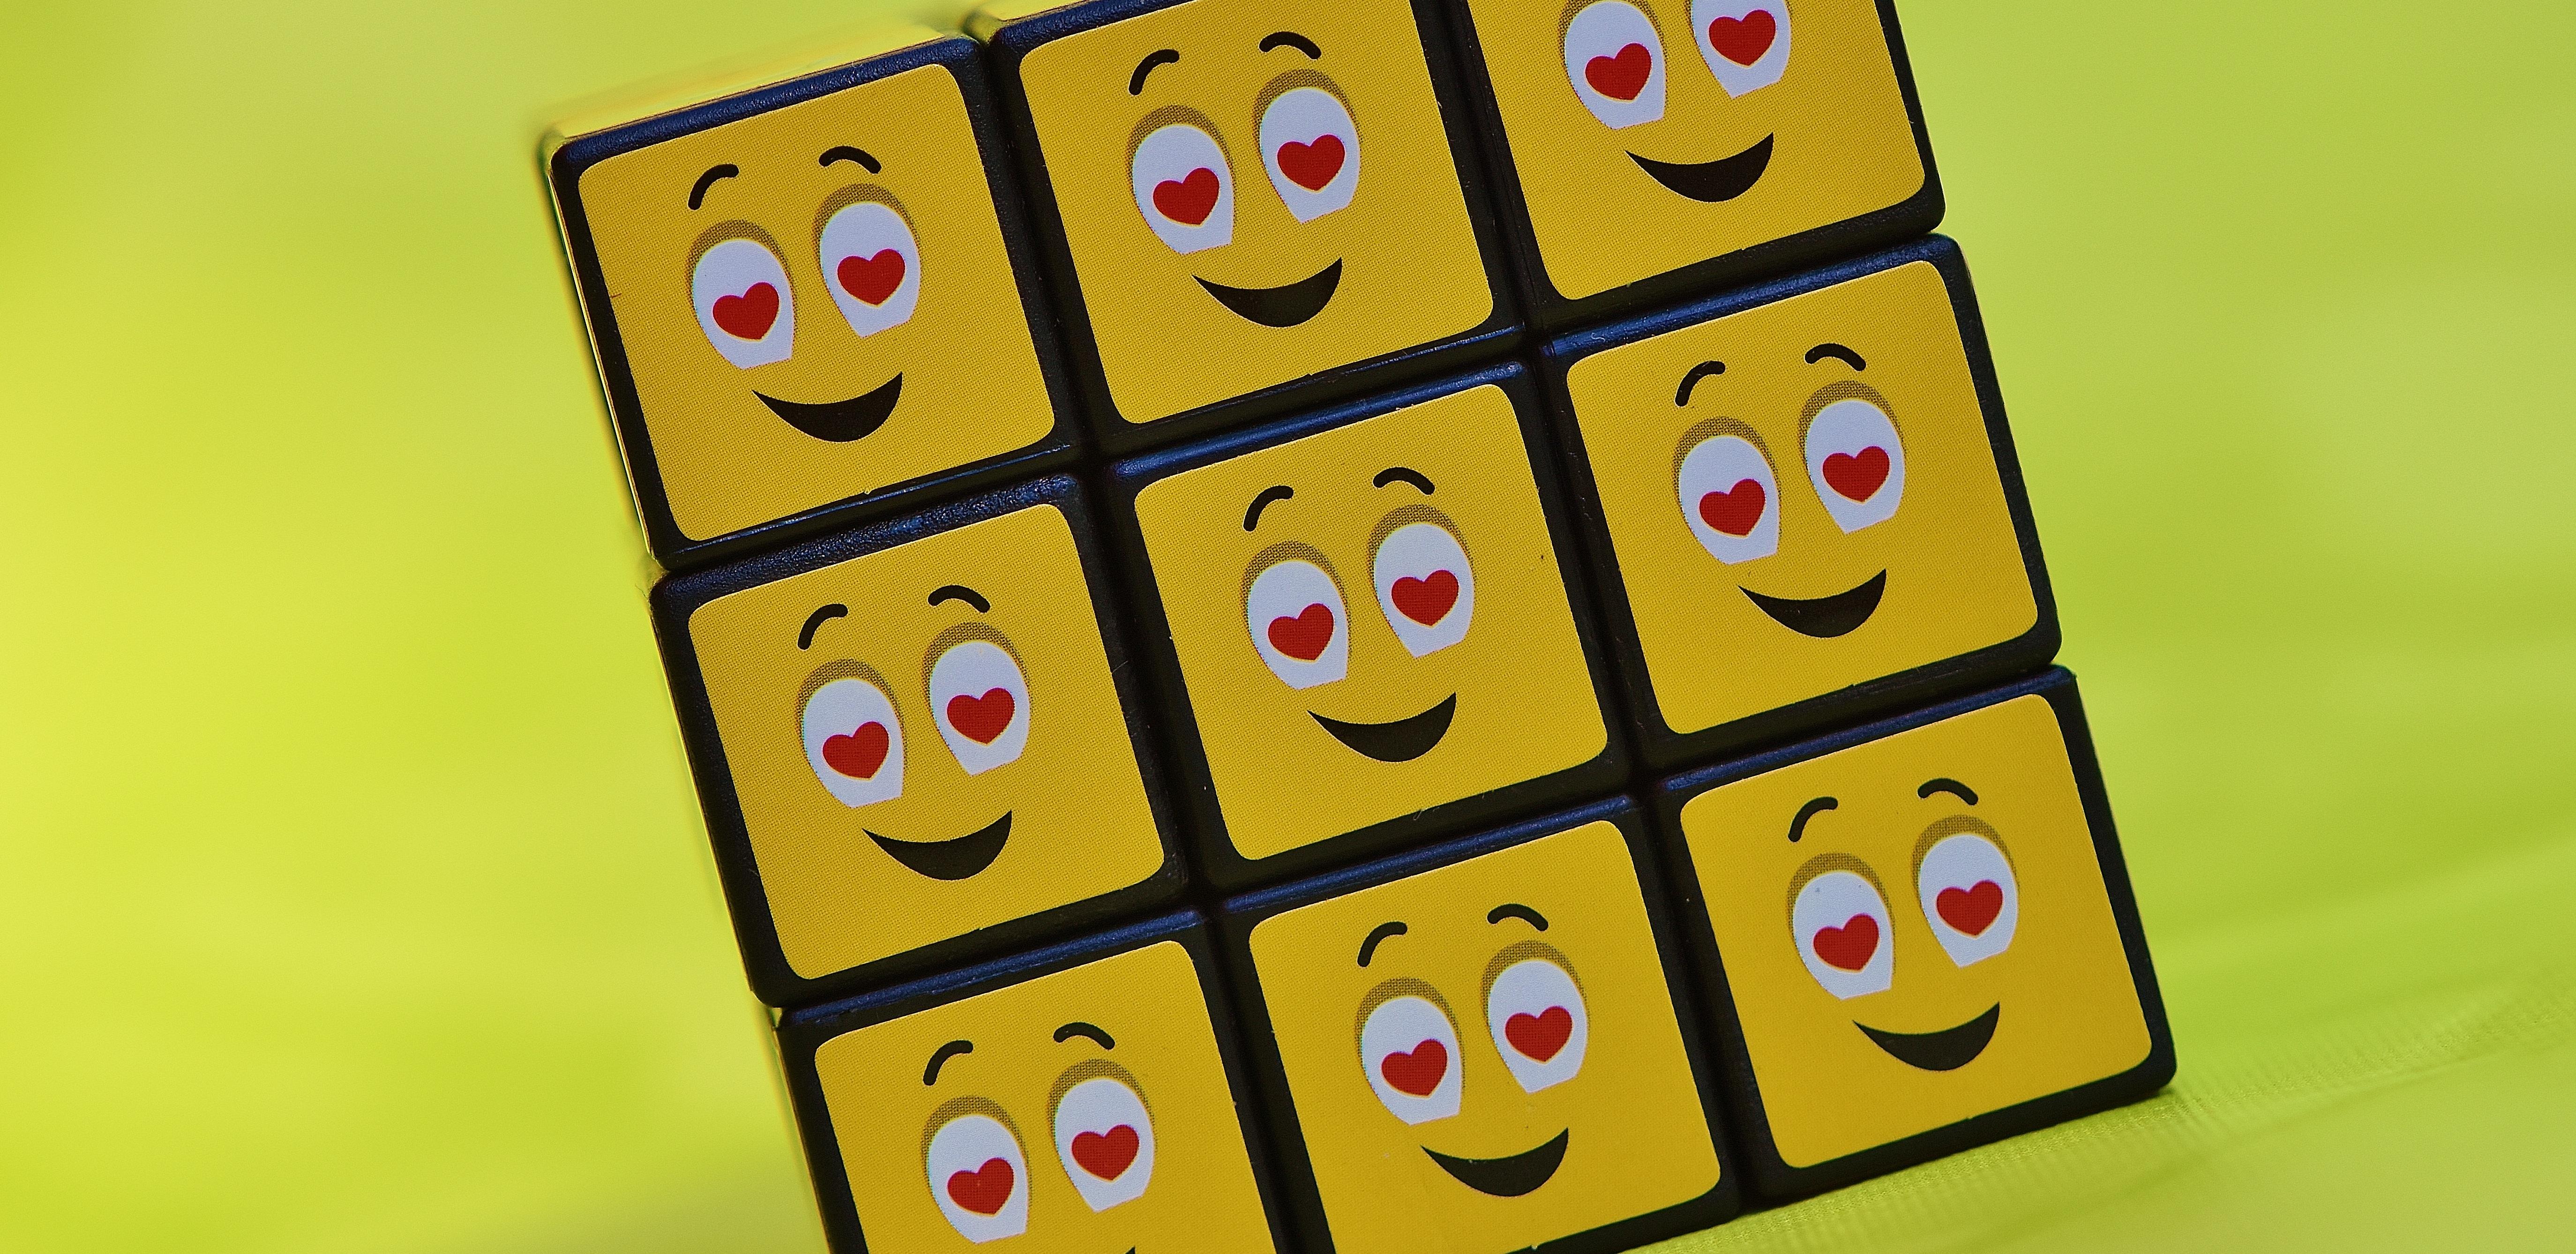 картинки для кубика настроения частности, укомплектован мотором